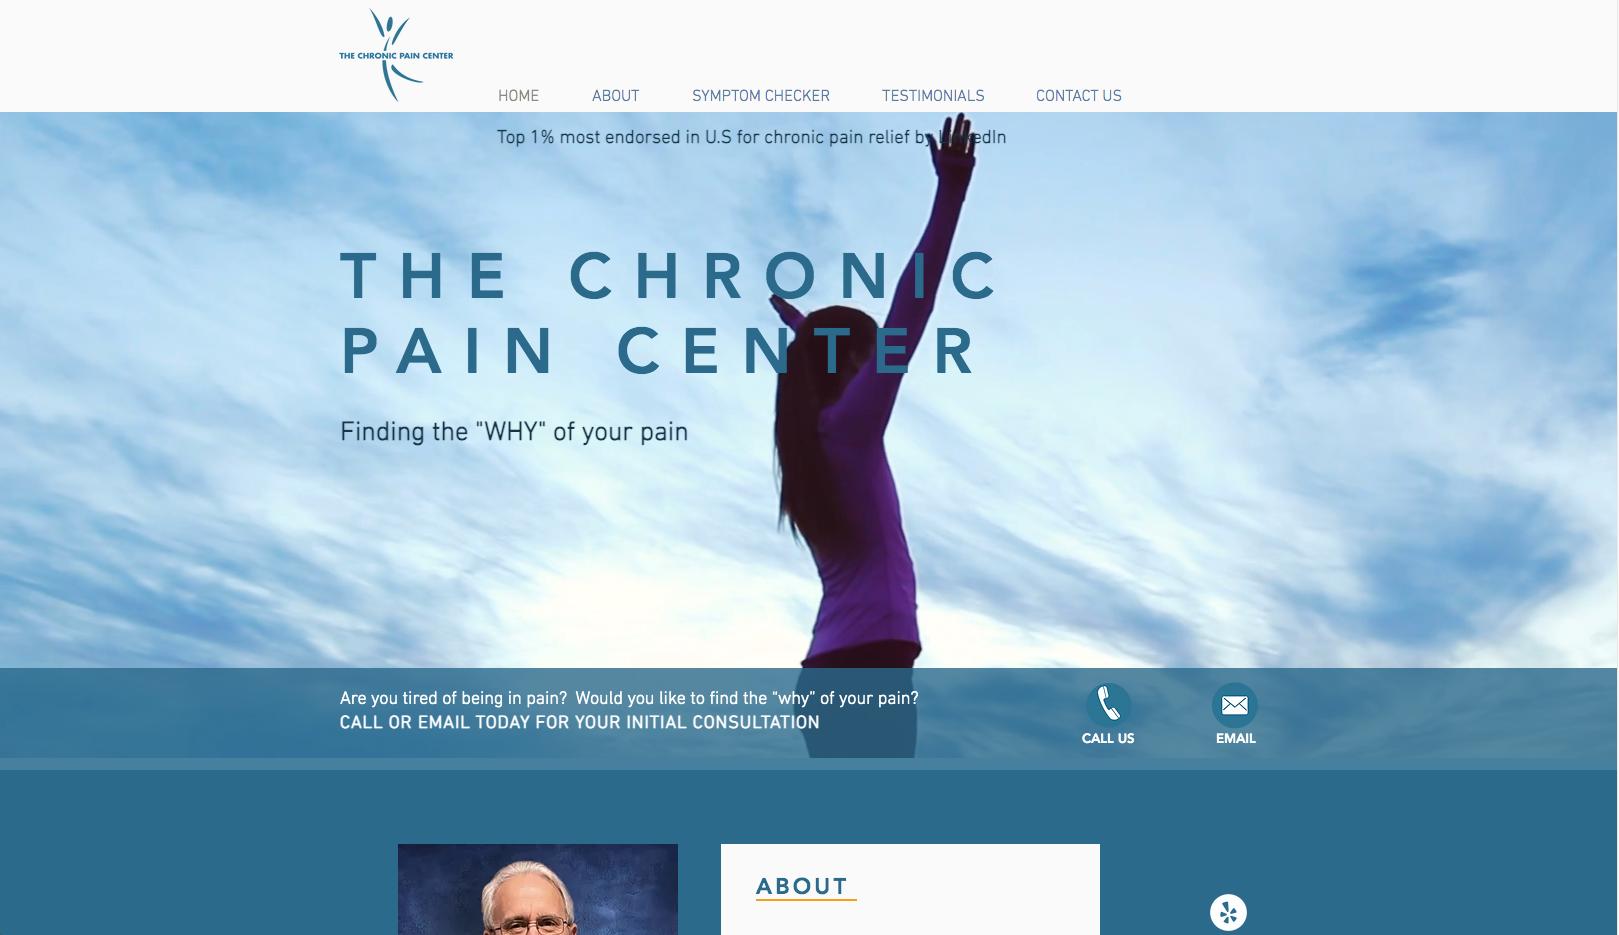 The chronic pain center website